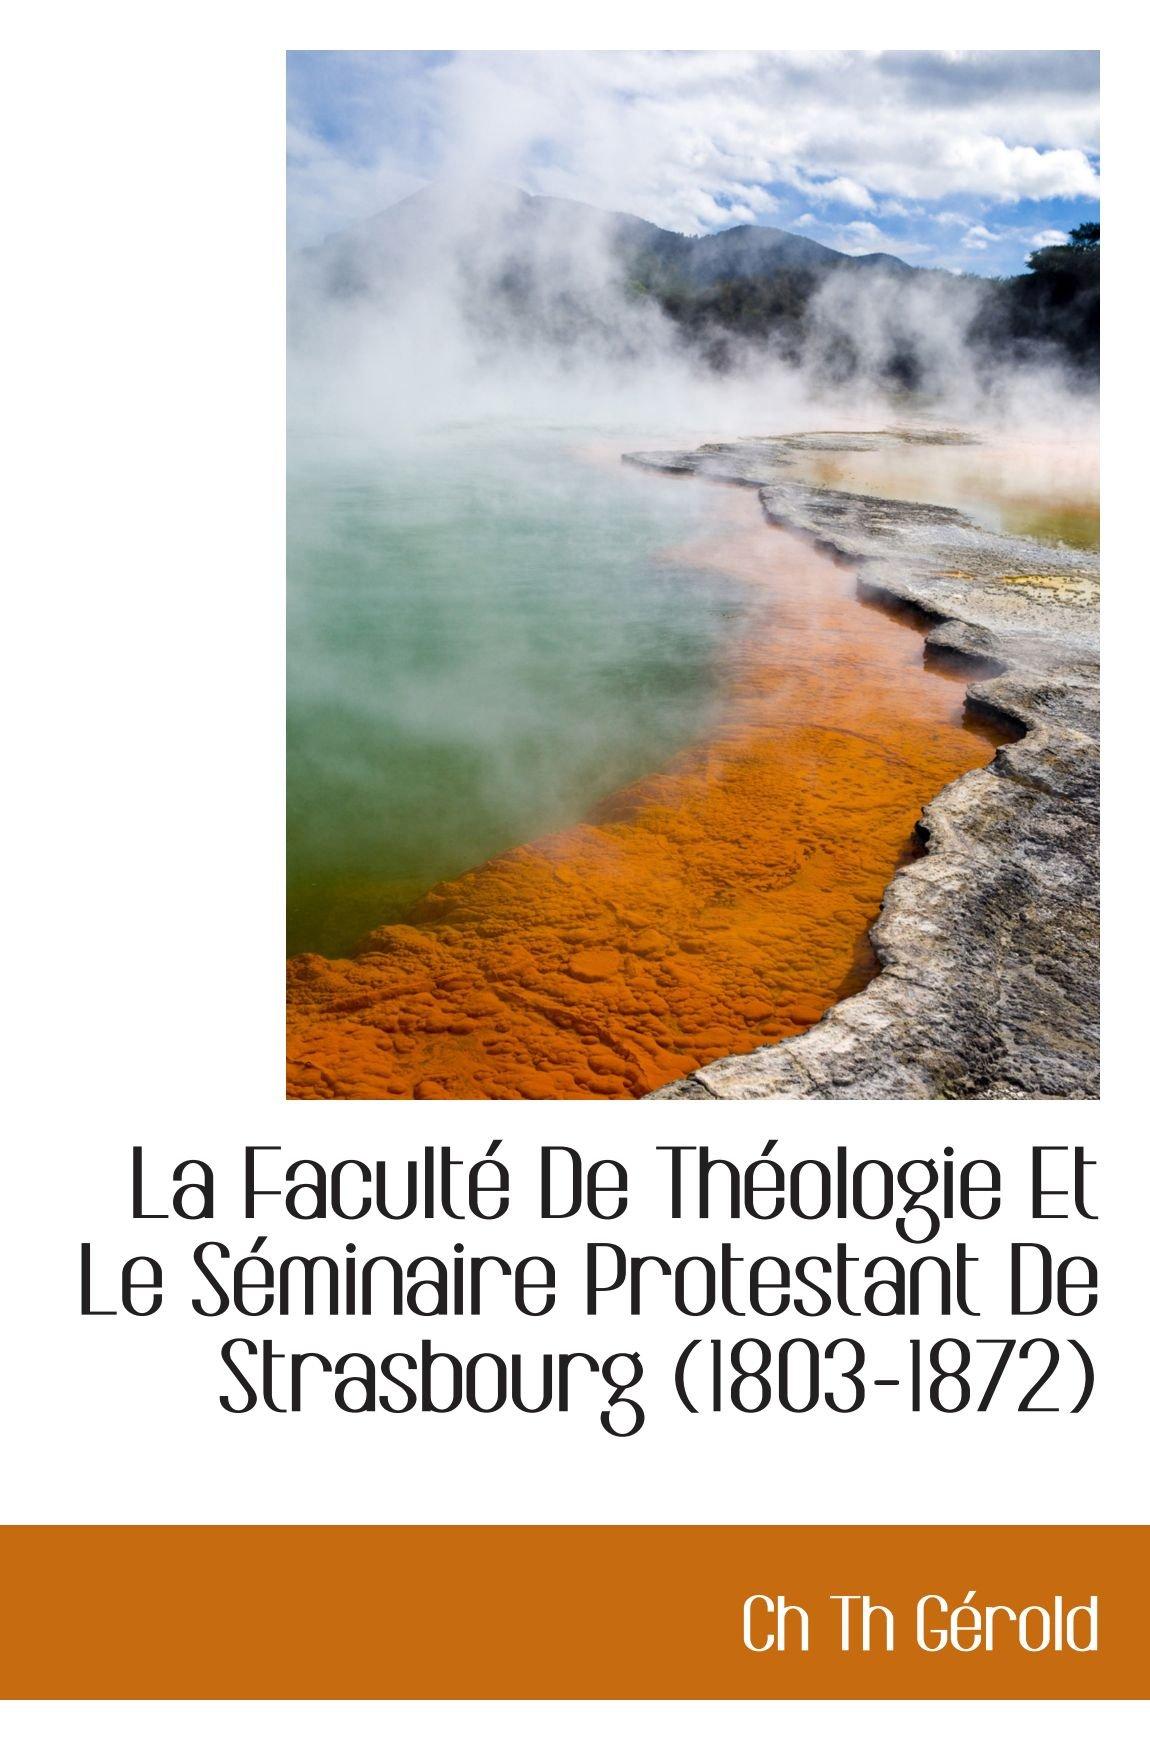 La Faculté De Théologie Et Le Séminaire Protestant De Strasbourg (1803-1872) (French Edition) pdf